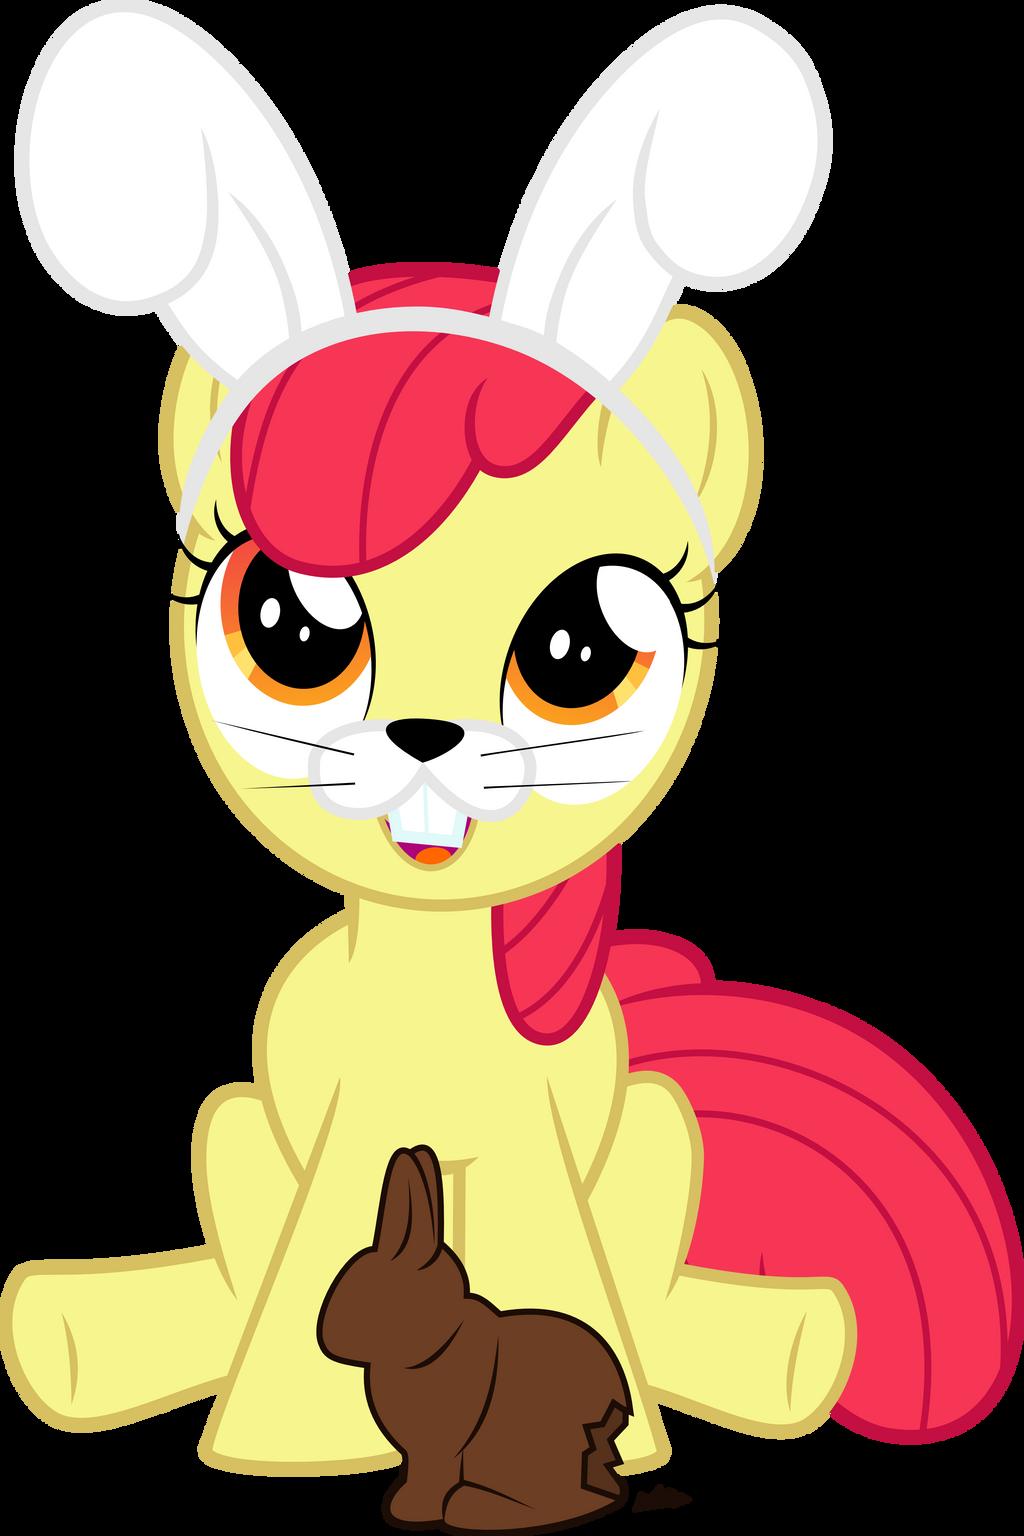 Easter Bunny Applebloom by UP1TER on DeviantArt